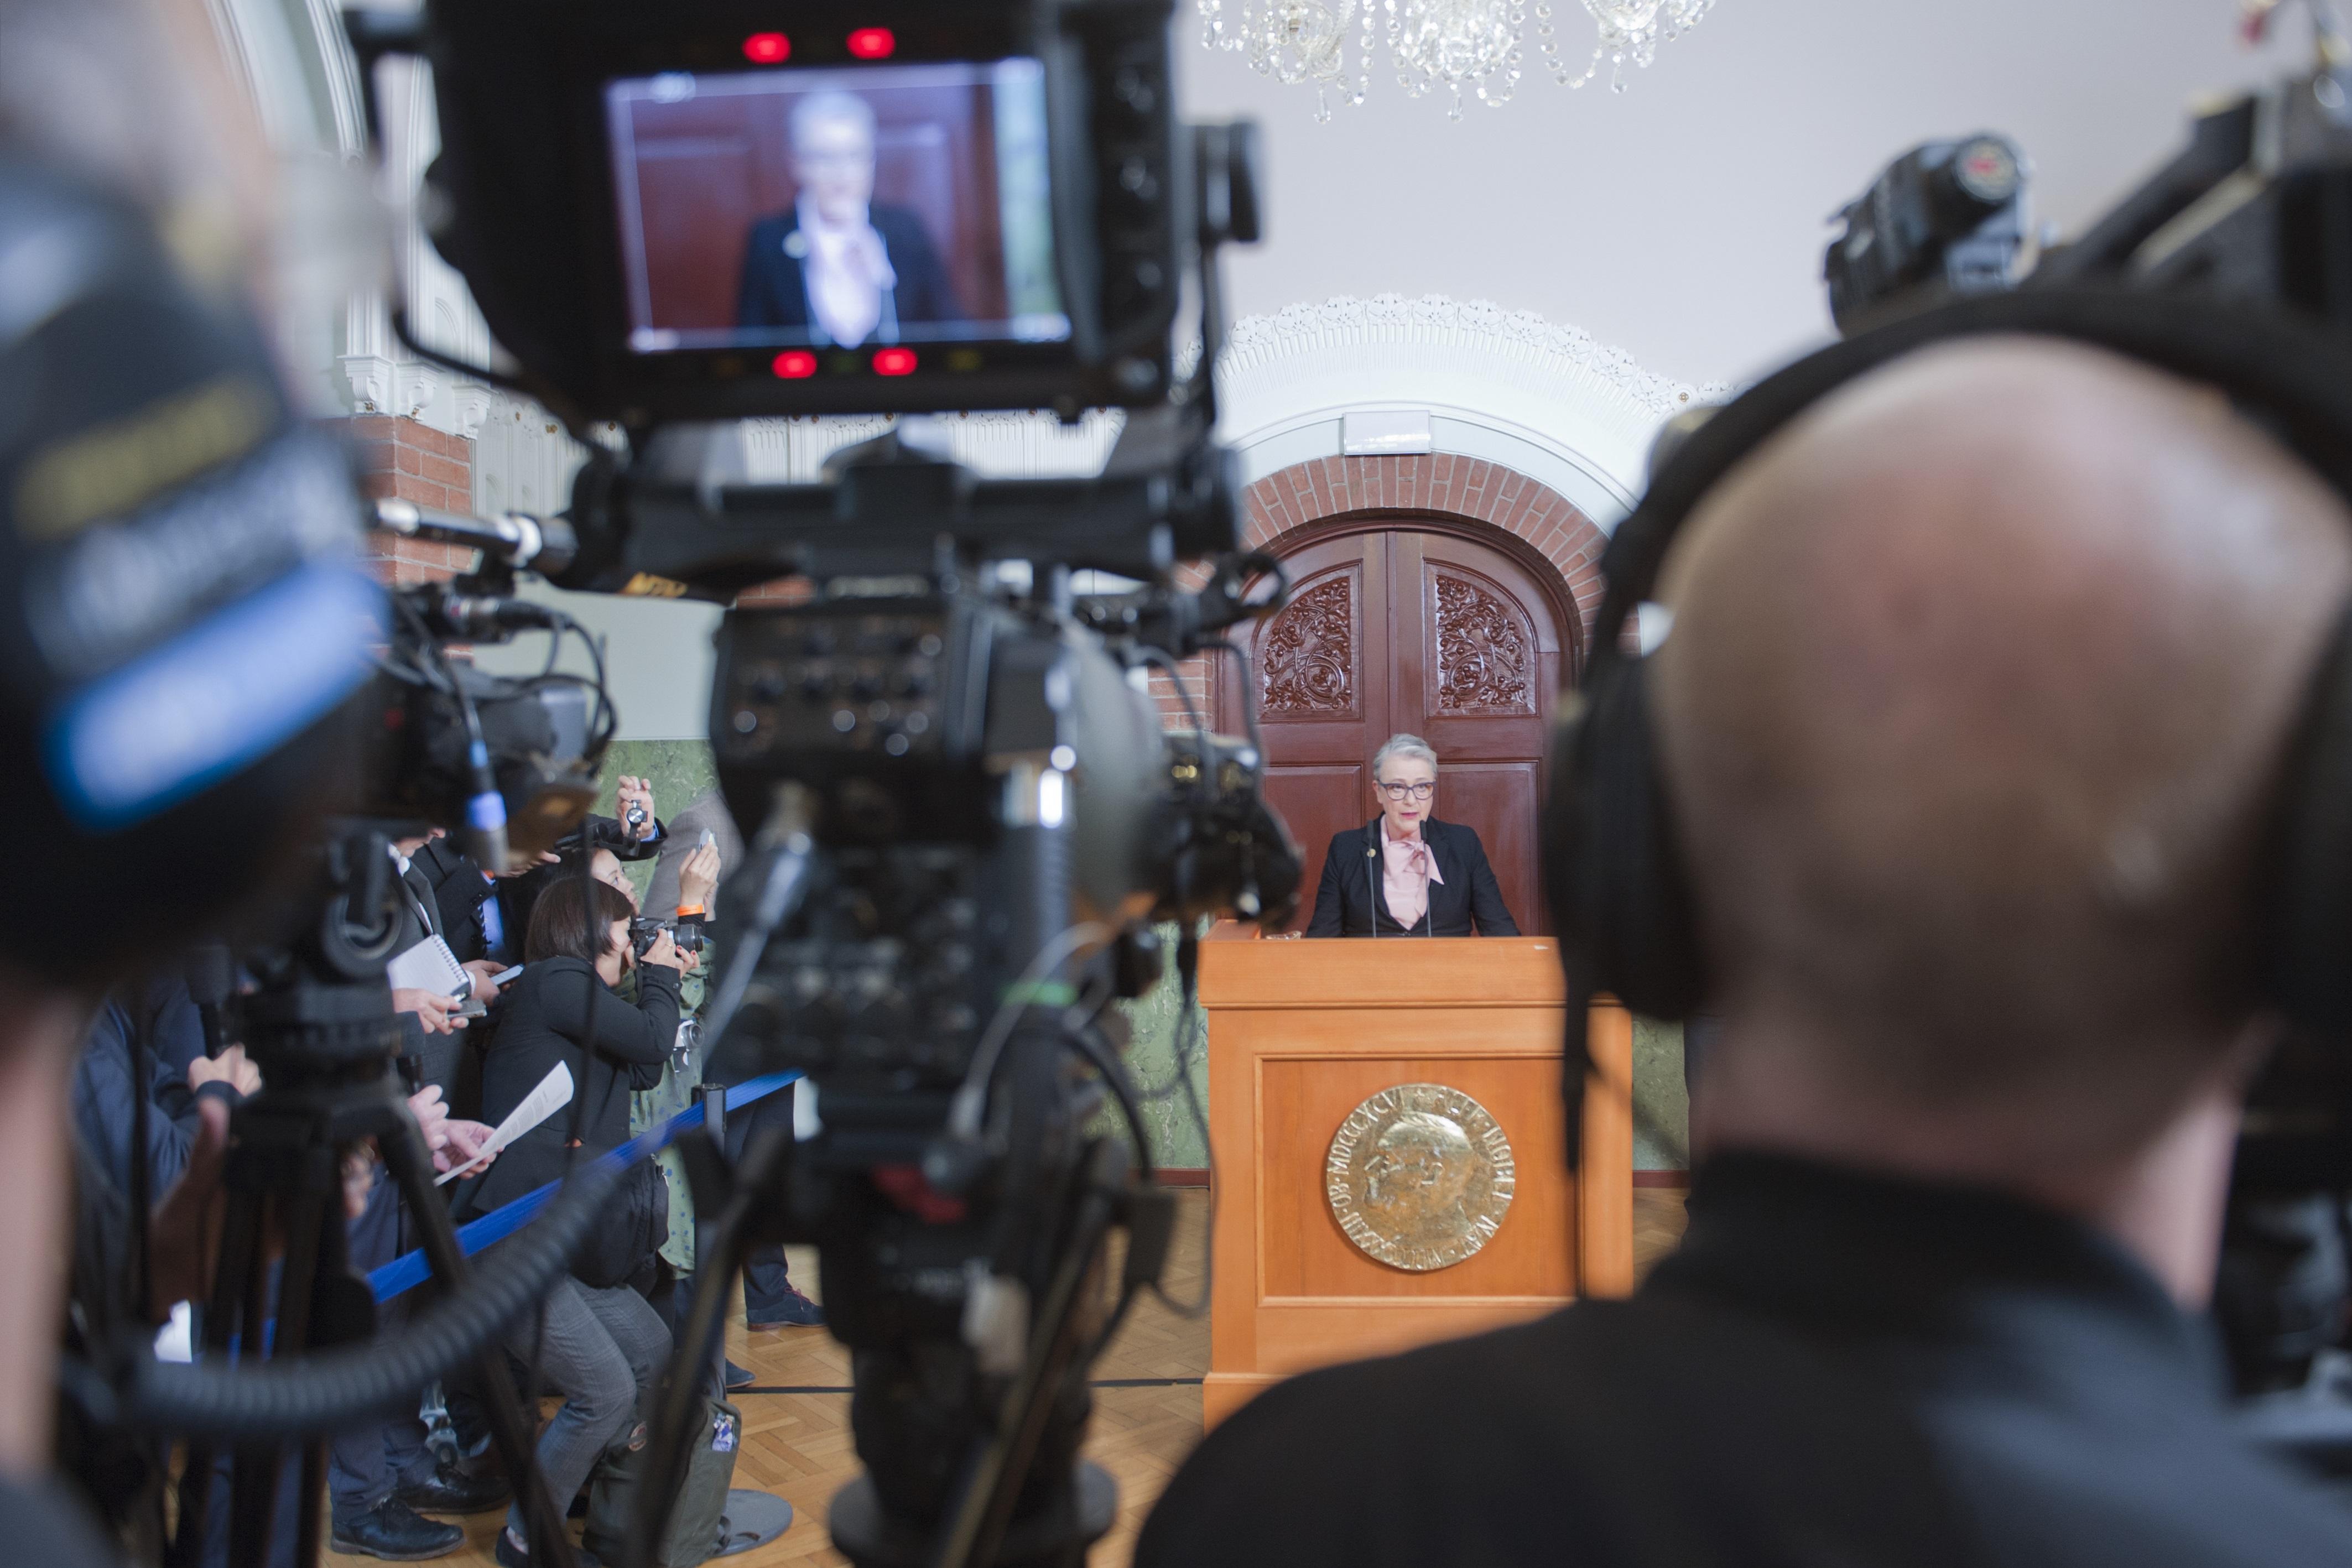 Vinner av Nobels fredspris blir annonsert på en pressekonferanse